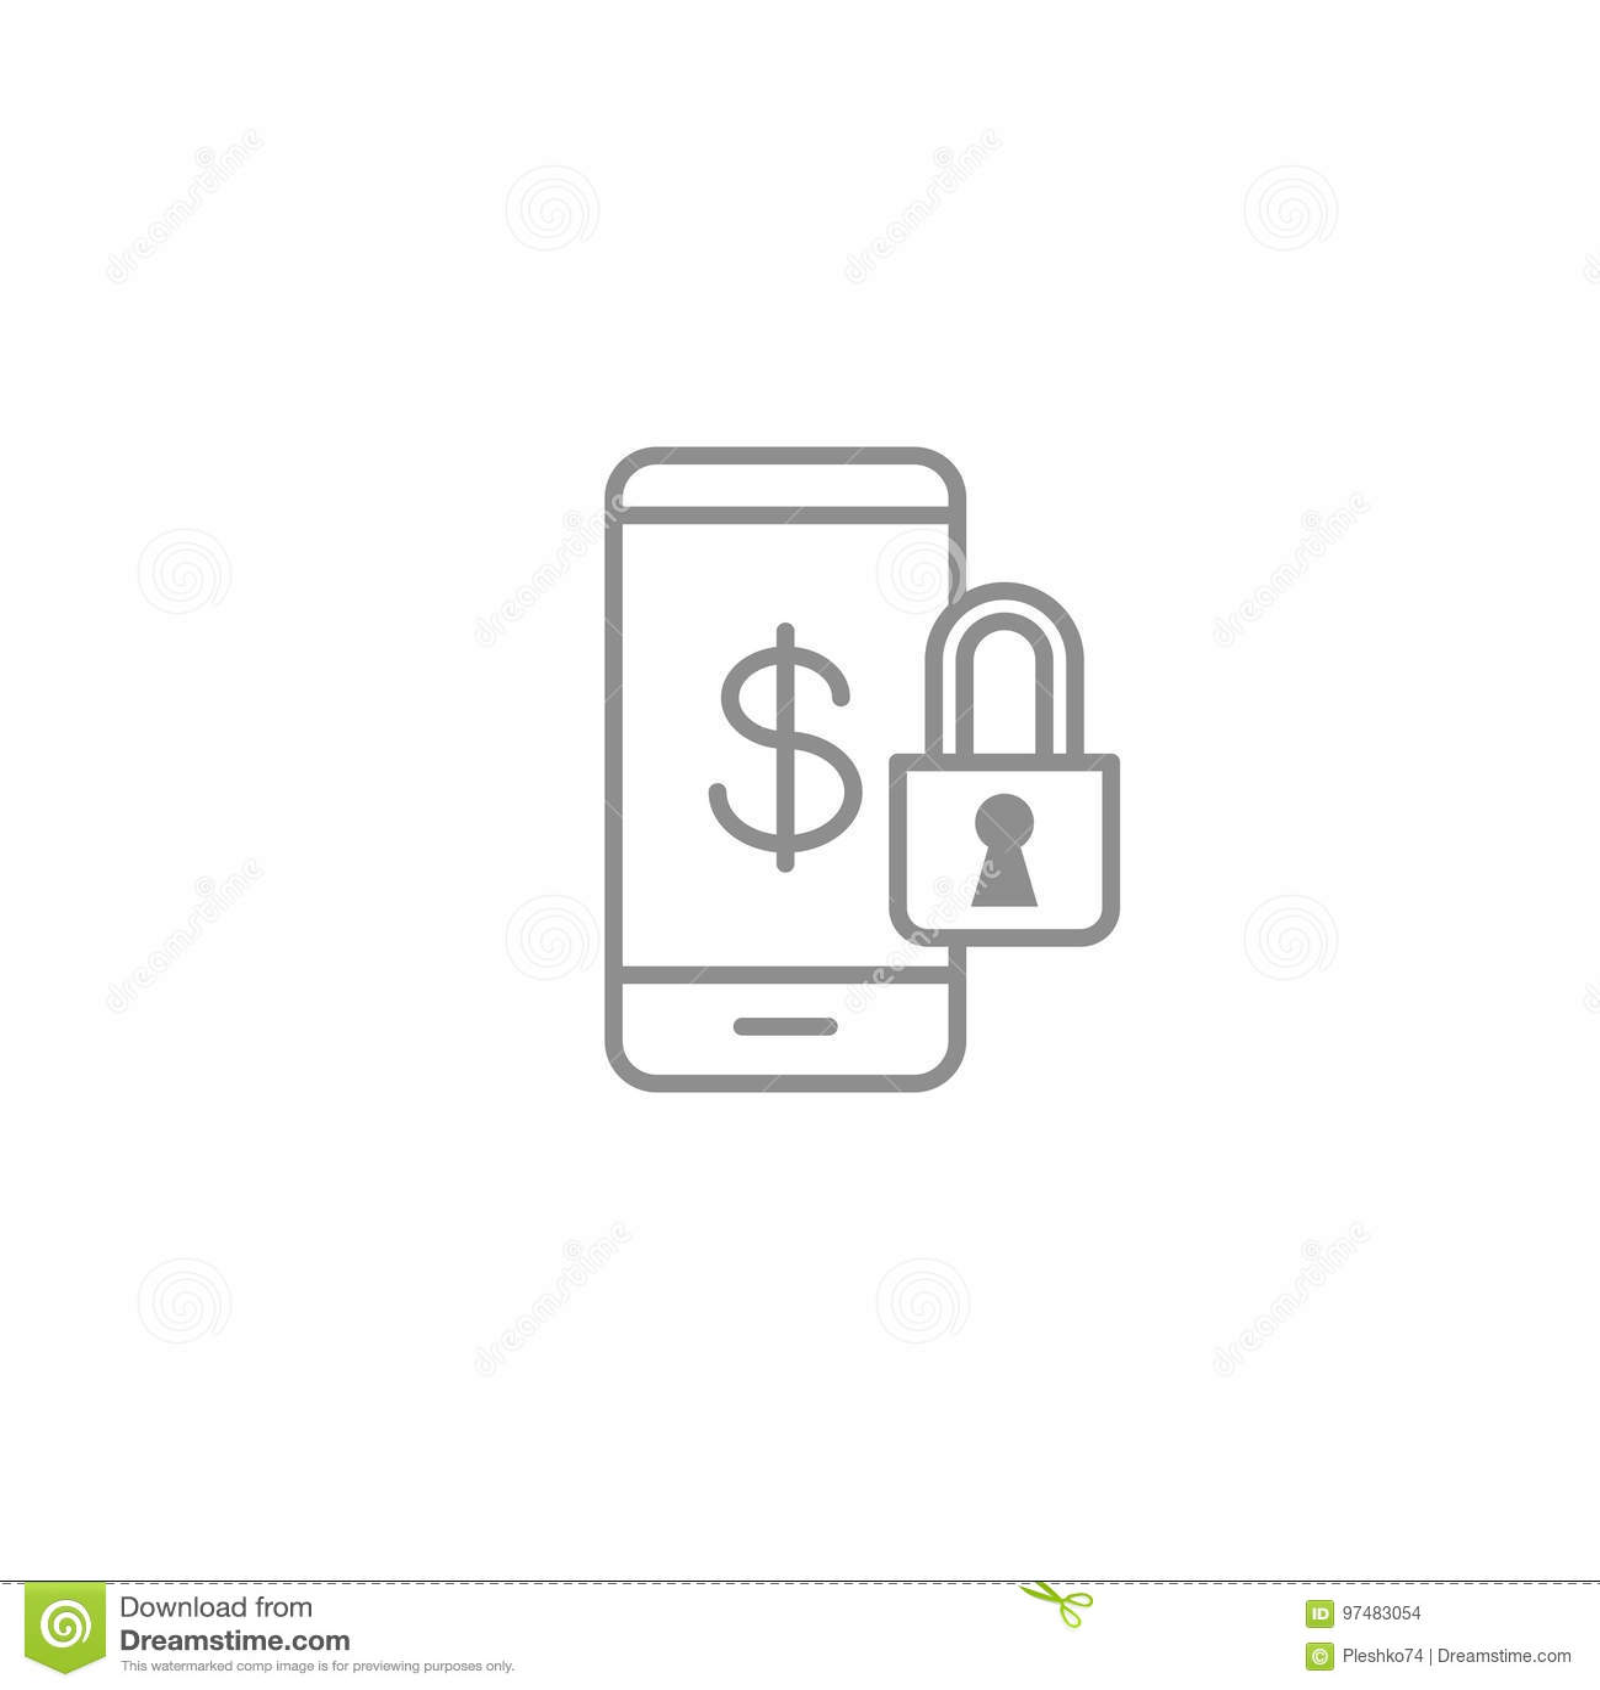 Assicuri la linea icona dello smartphone della banca mobile Illustrazione di vettore del segno di sicurezza del dispositivo mobil